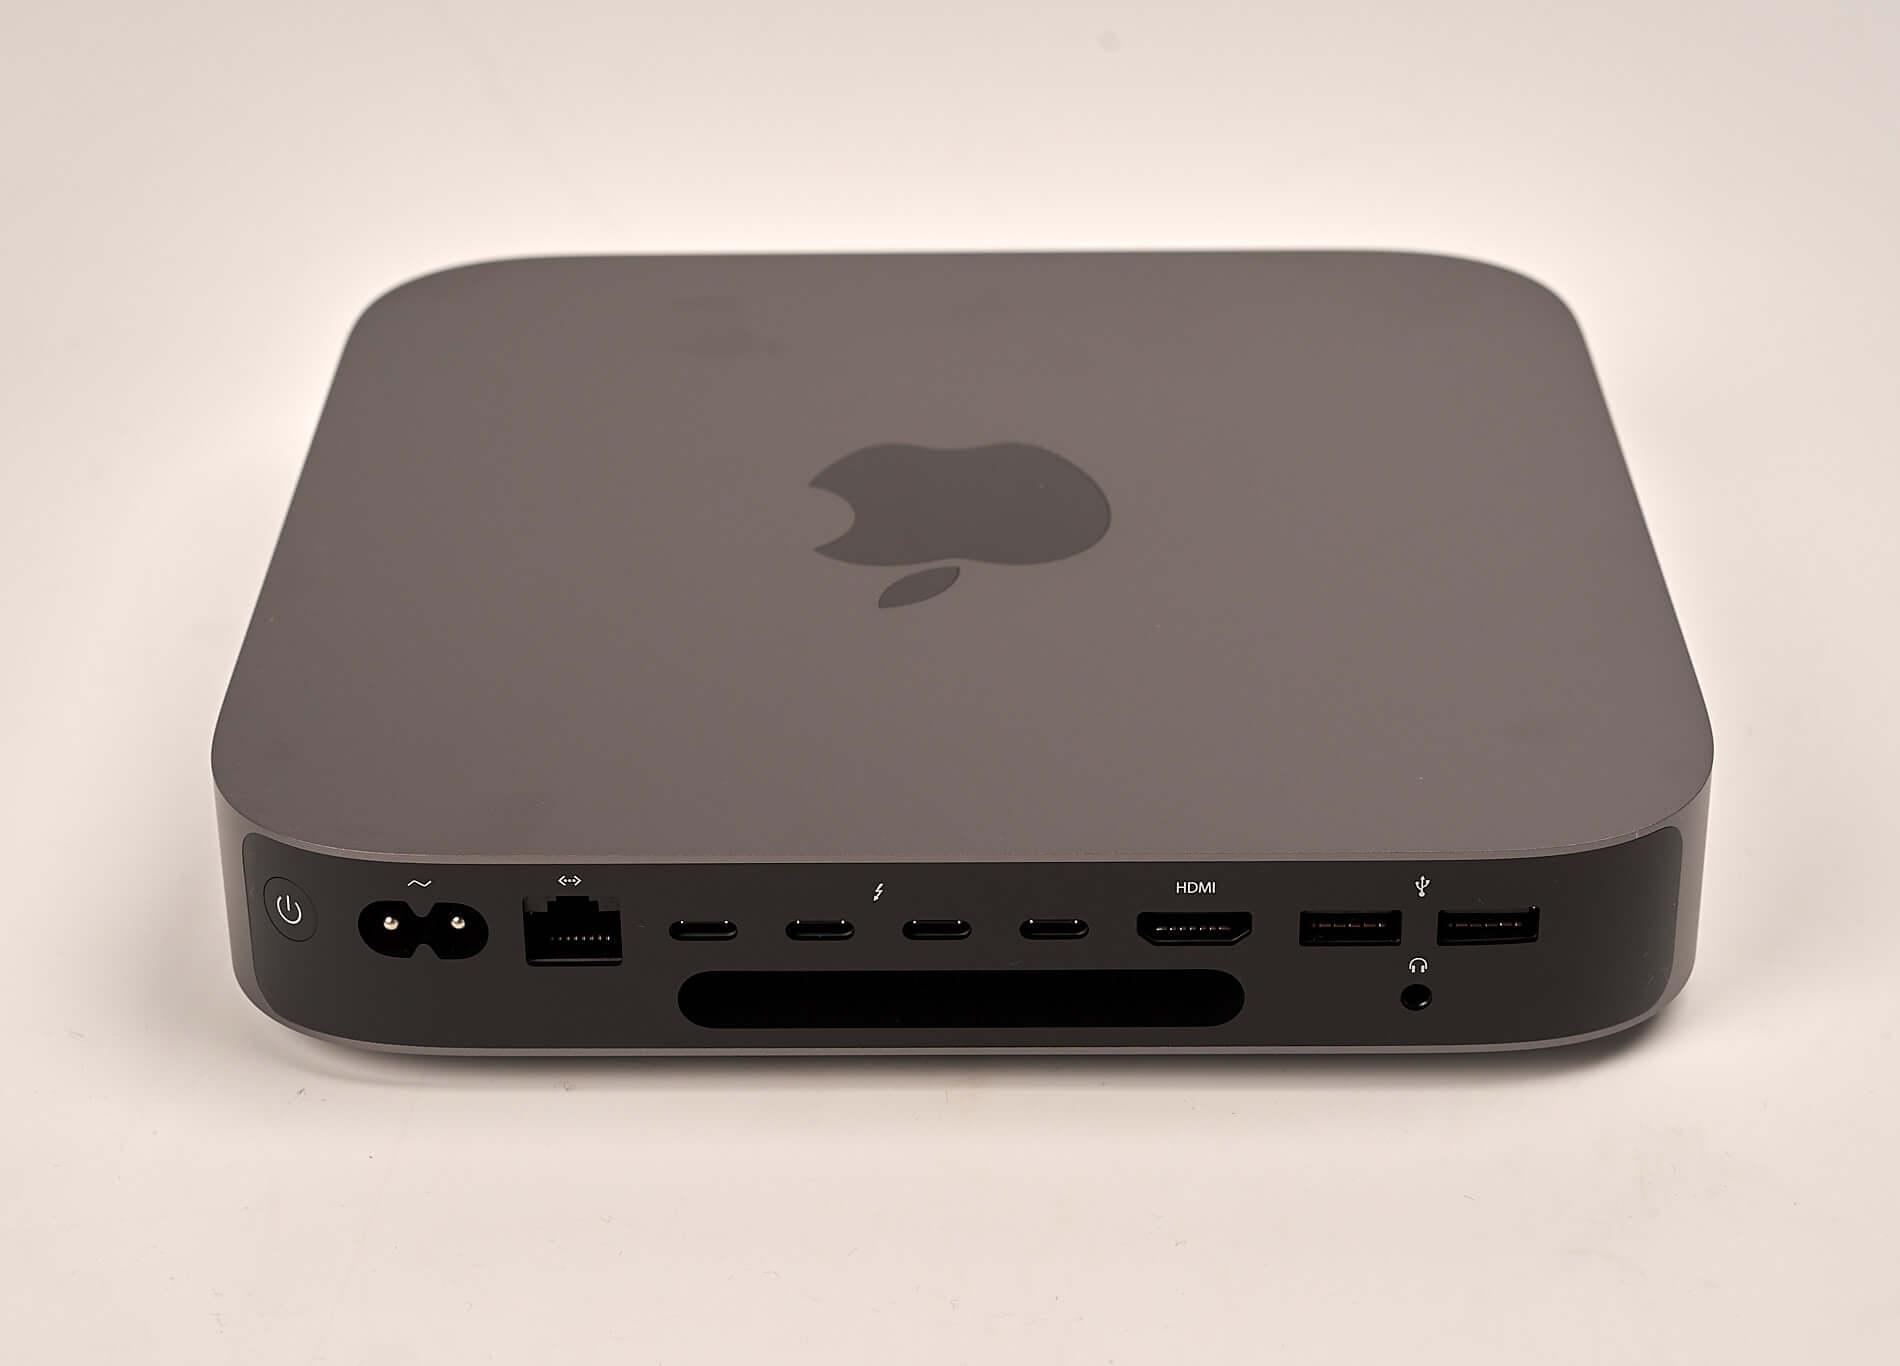 jak podłączyć 2 monitory do mojego komputera Mac mini pojedyncze strony randkowe winnipeg